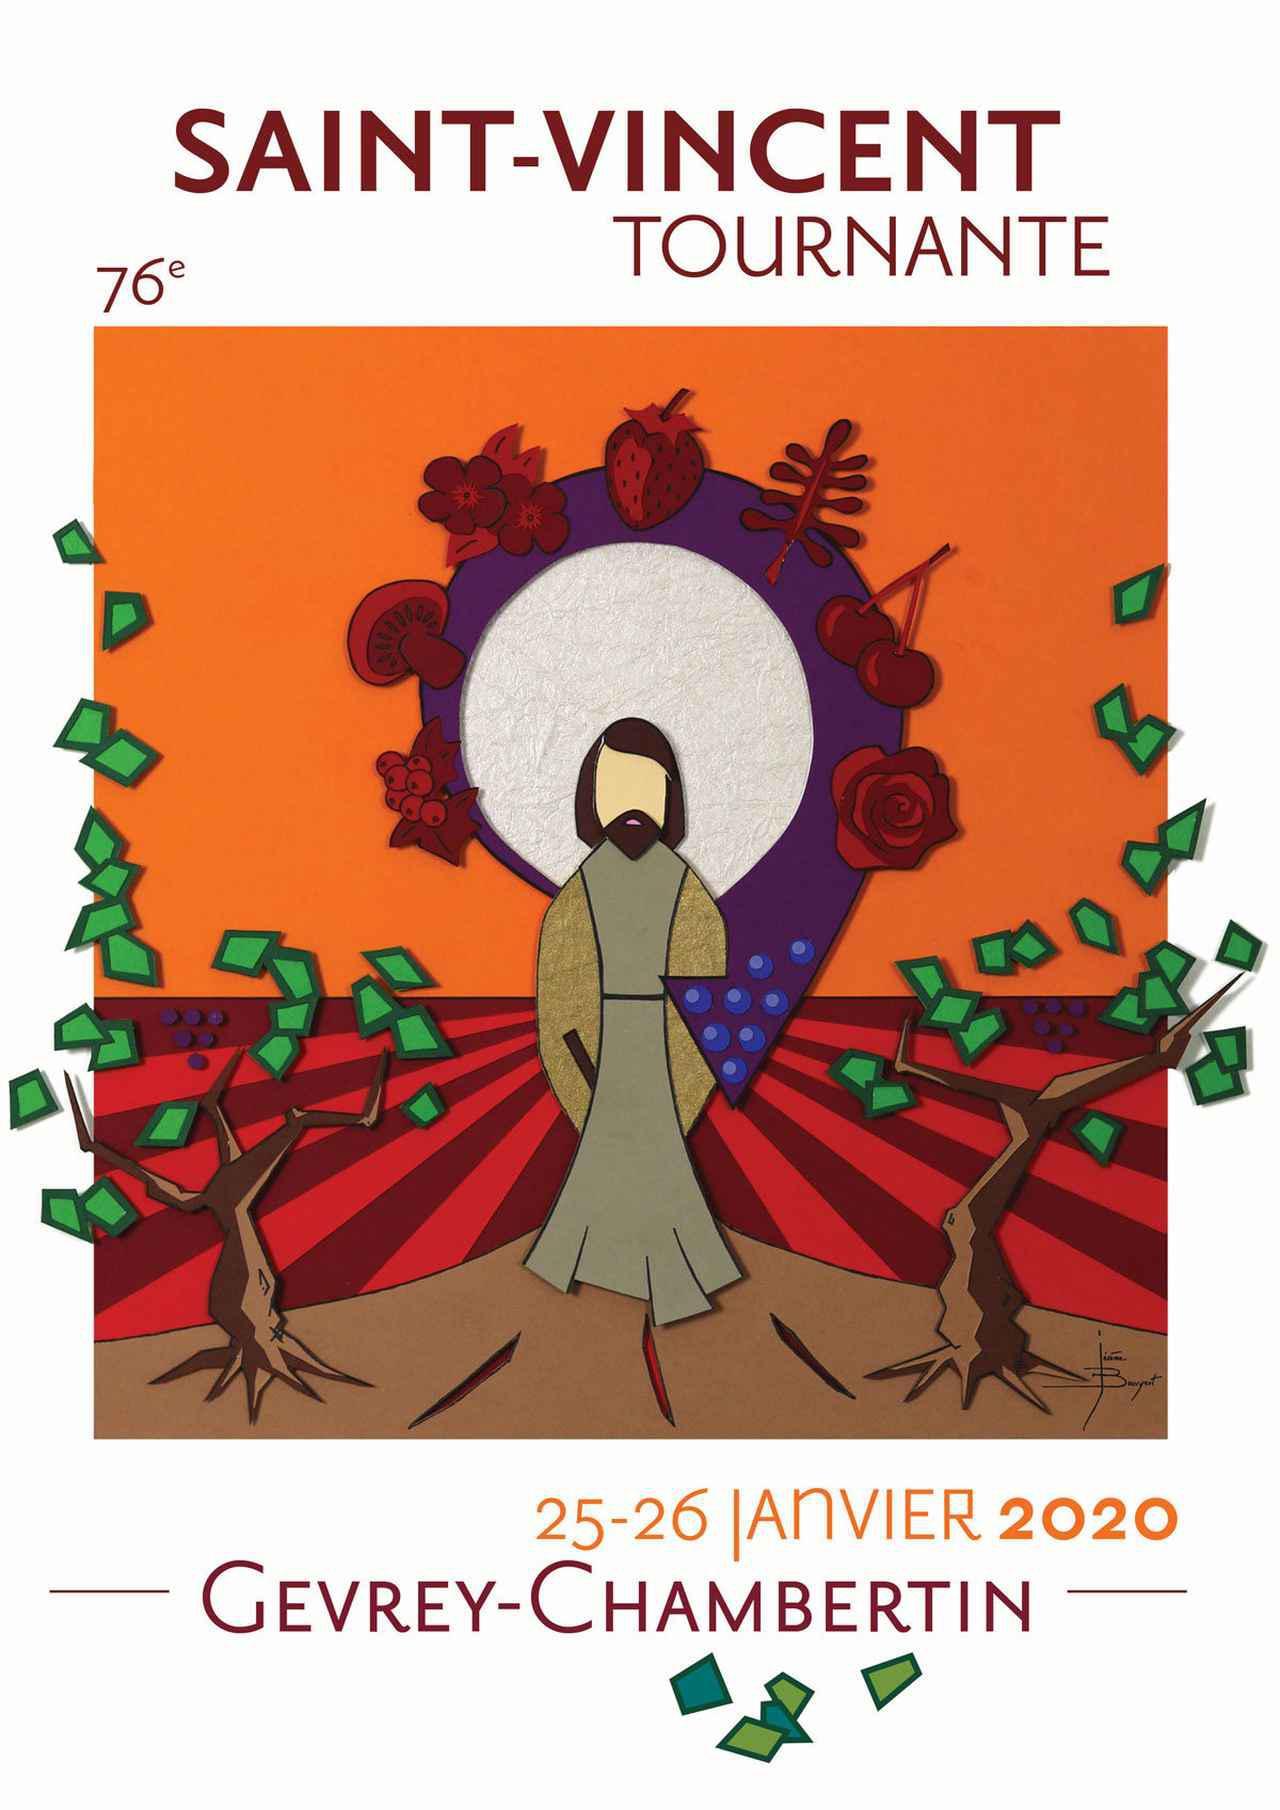 画像: ジュヴレ・シャンベルタン村が主催する「サン・ヴァンサン・トゥルナント 2020」のポスター